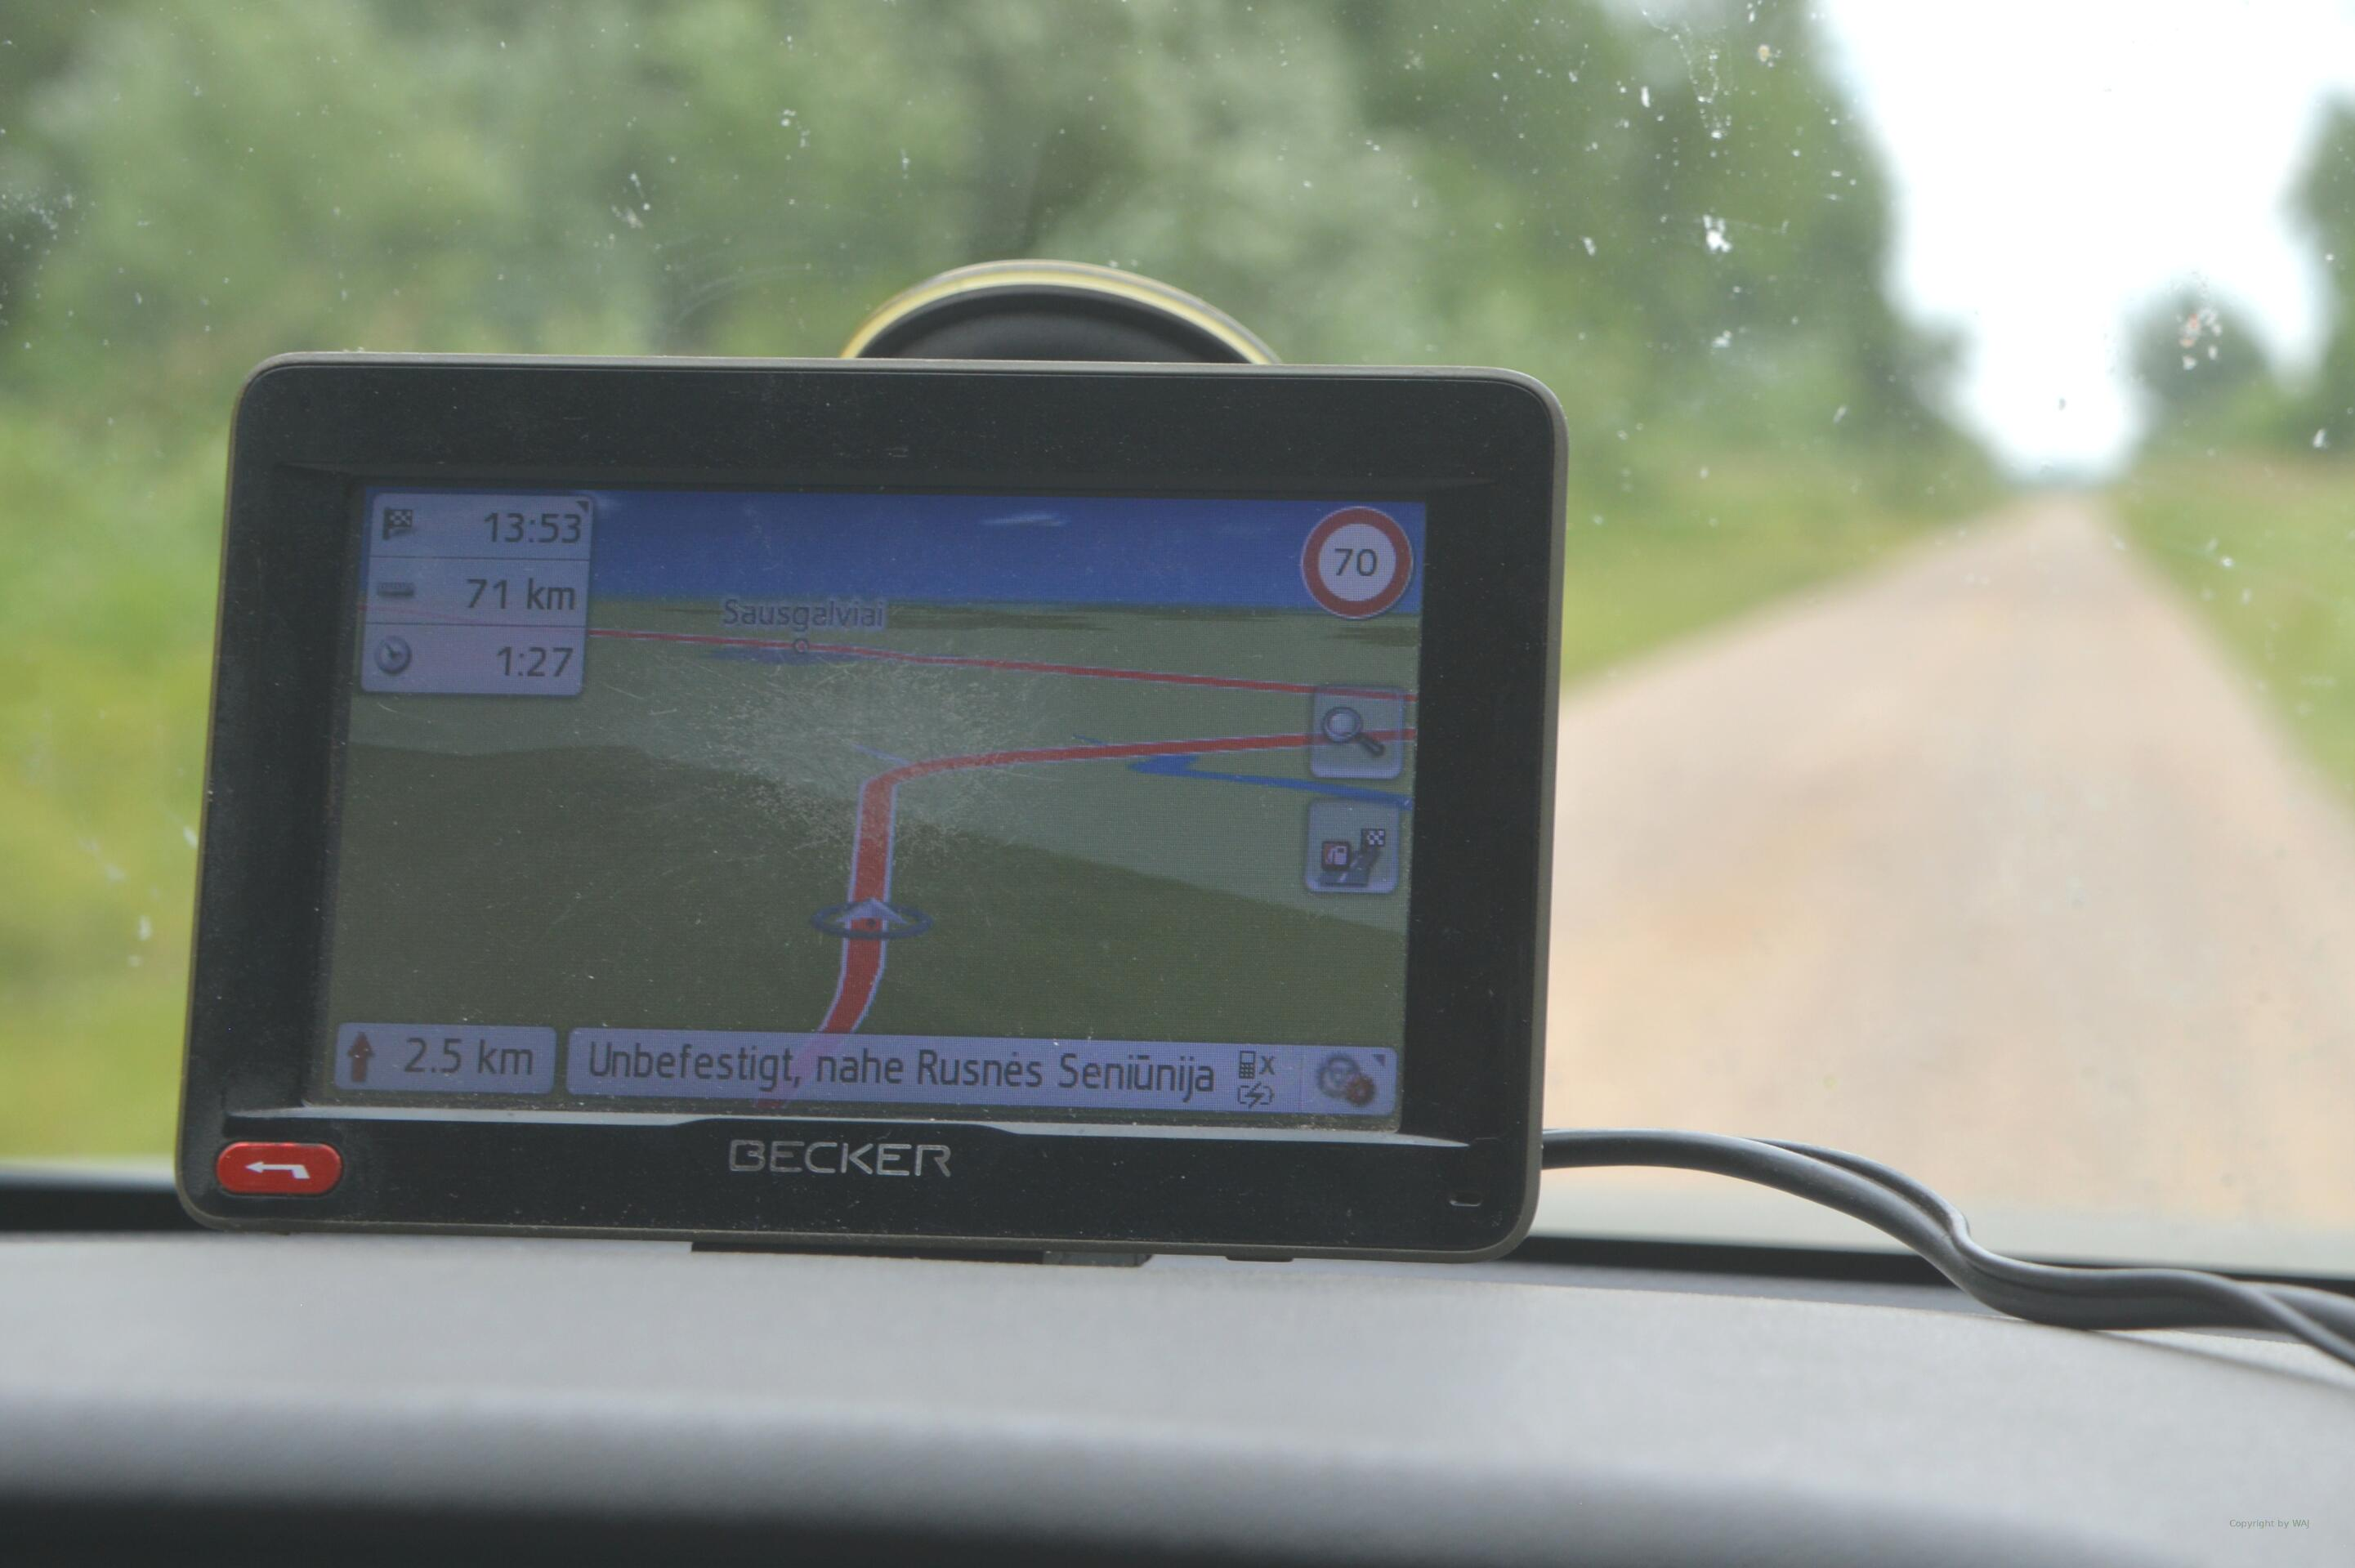 offiziell darf man hier 70 km/h...